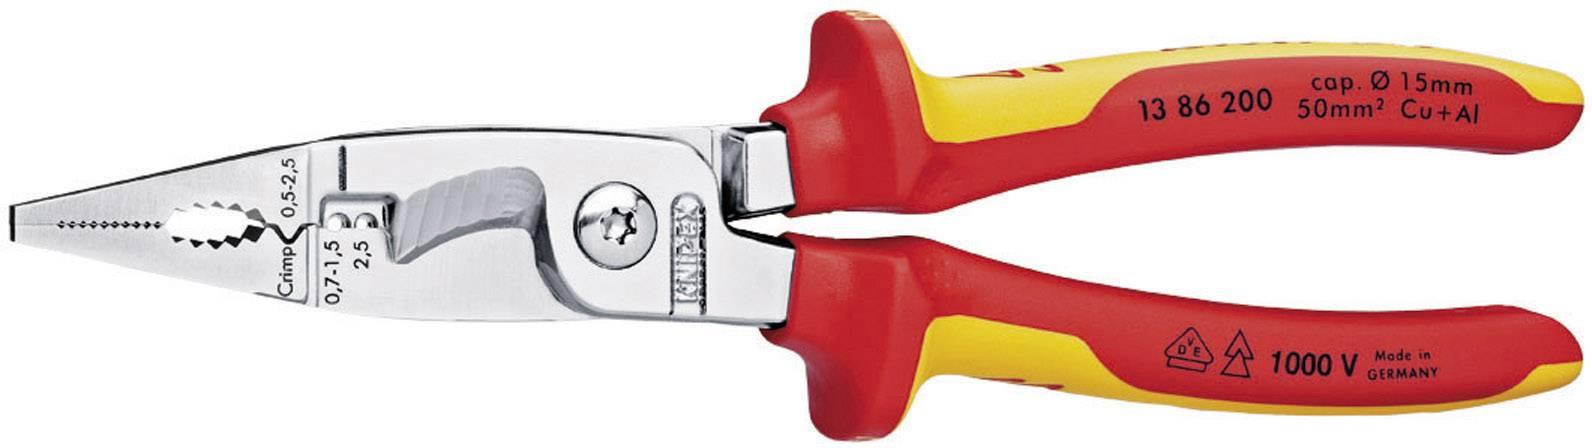 Multifunkčné kliešte Knipex 13 86 200 13 86 200,0 (max)